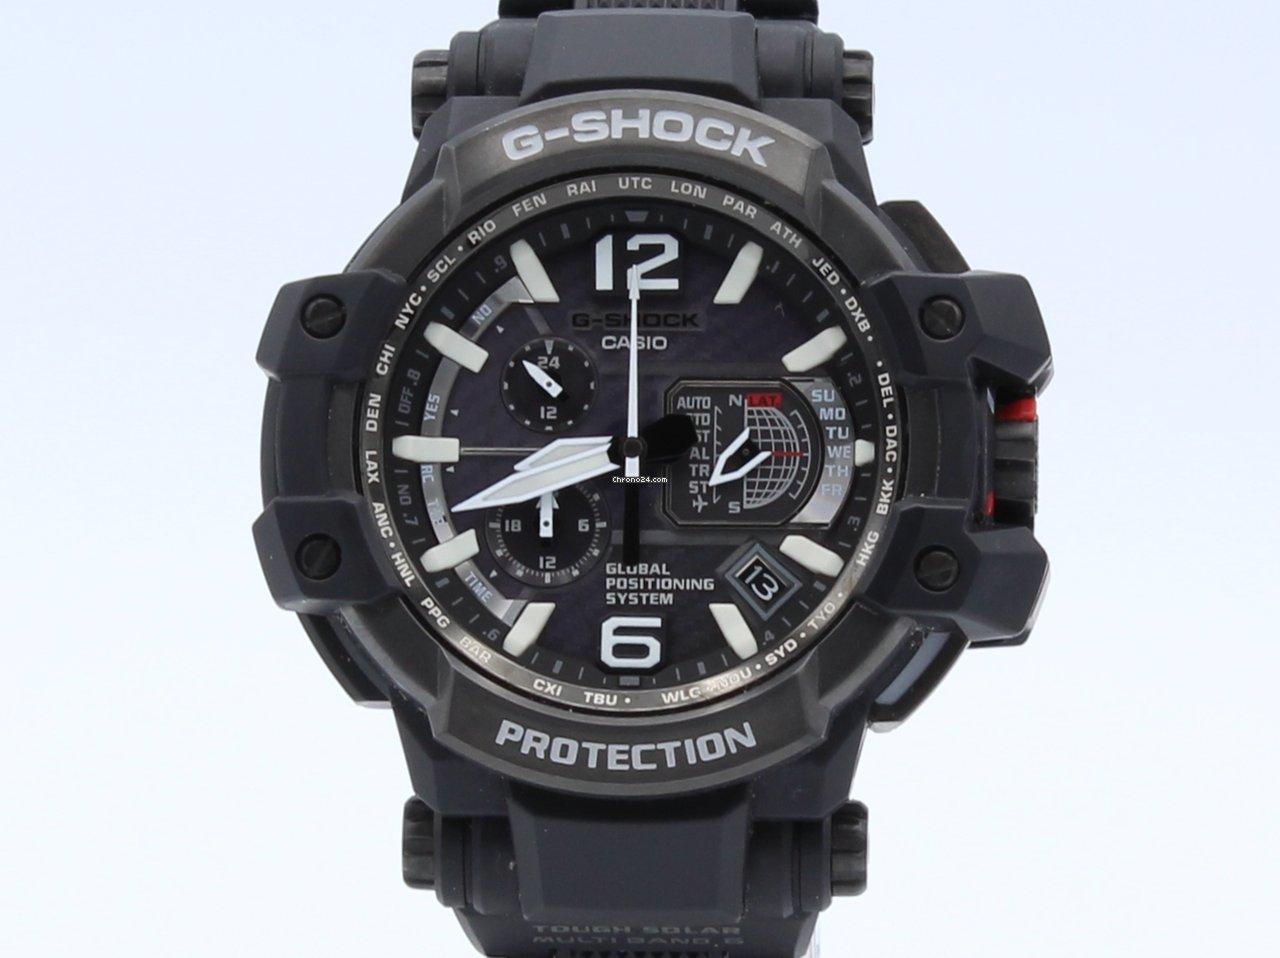 b76e50dfde7a Relojes Casio de segunda mano - Compare el precio de los relojes Casio